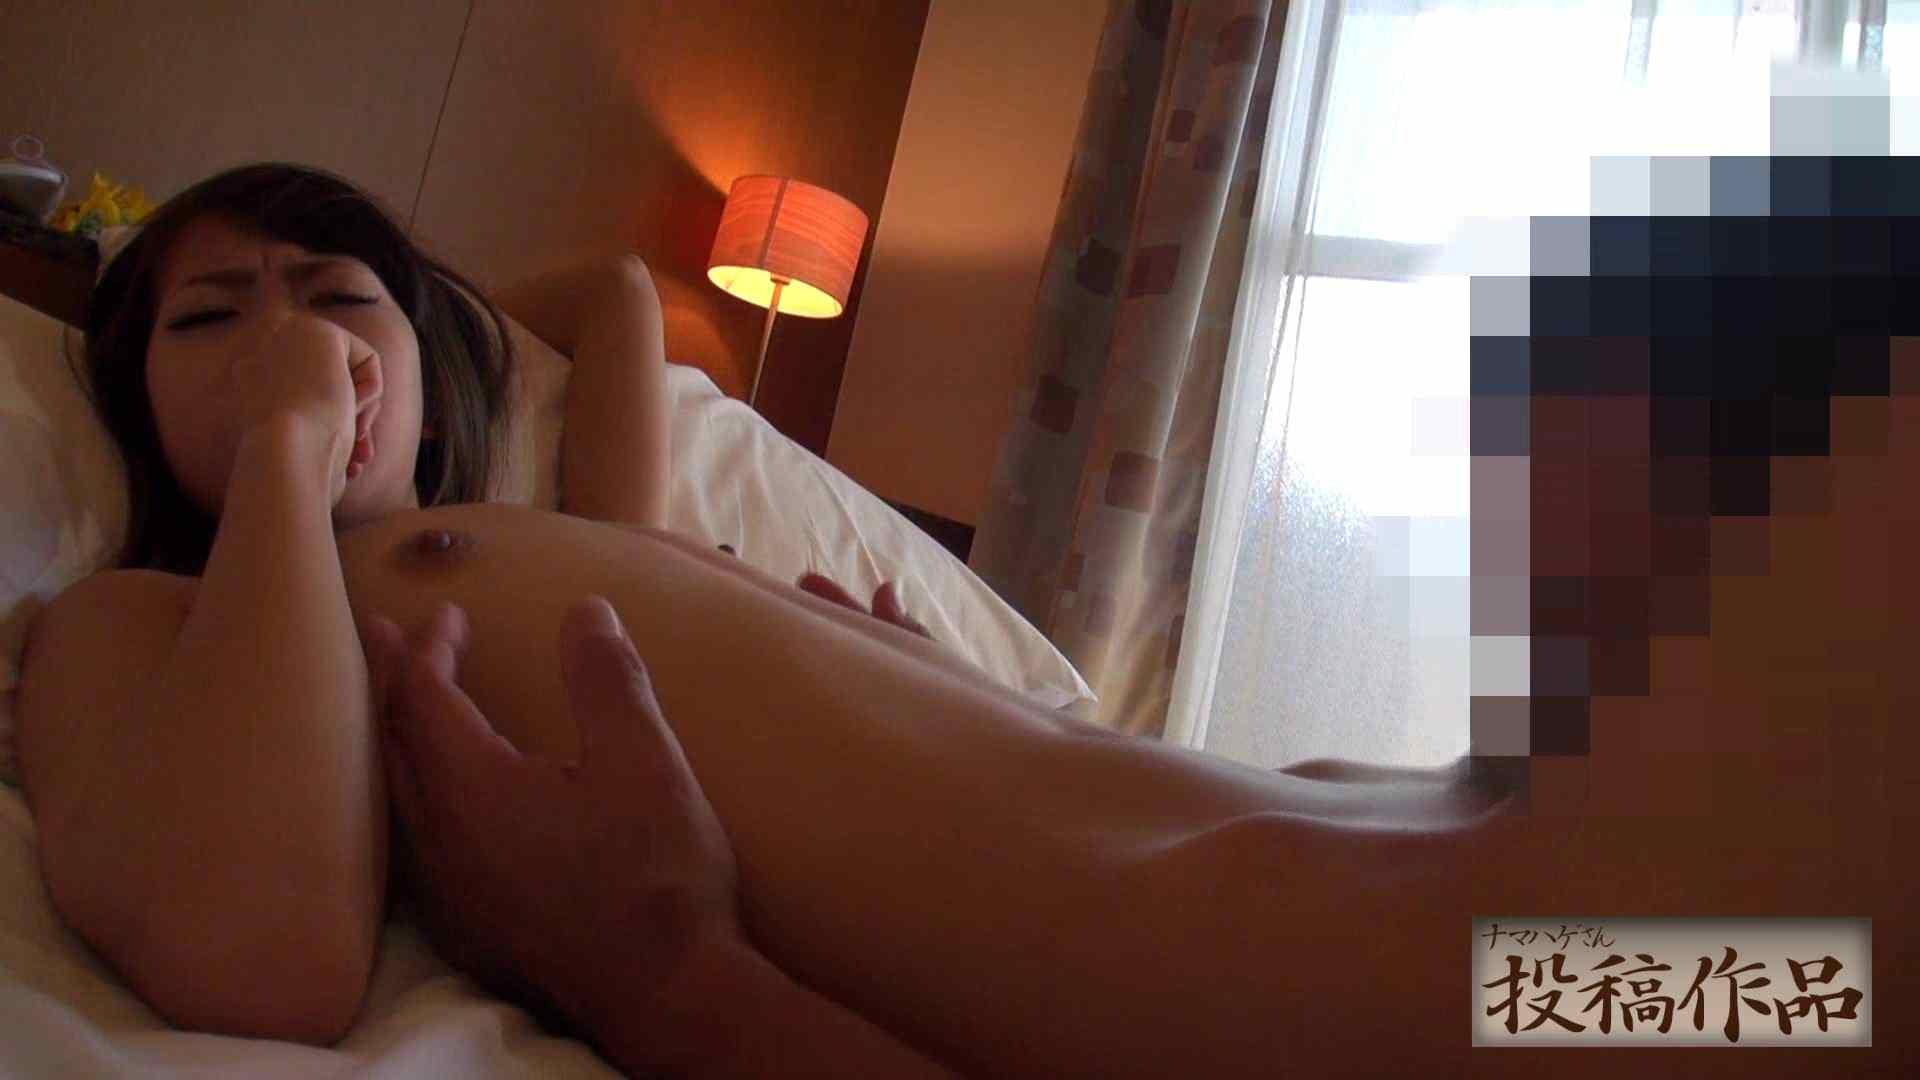 ナマハゲさんのまんこコレクション第二章 ayumi02 SEX映像  103pic 48